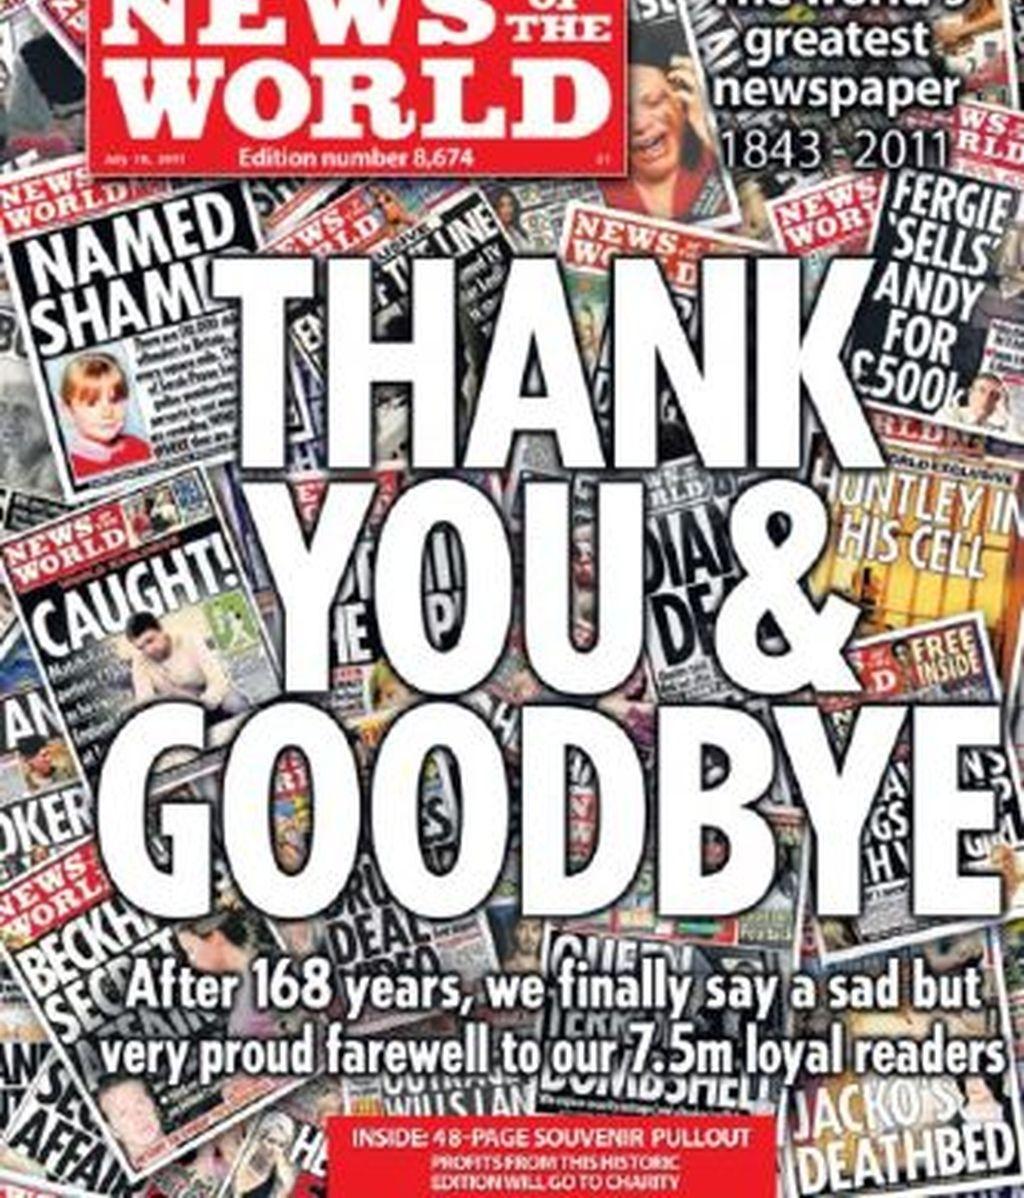 La última portada de 'News of the World', el tabloide de Rupert Murdoch que cerró tras el escándalo de los pinchazos telefónicos a personas para conseguir exclusivas.